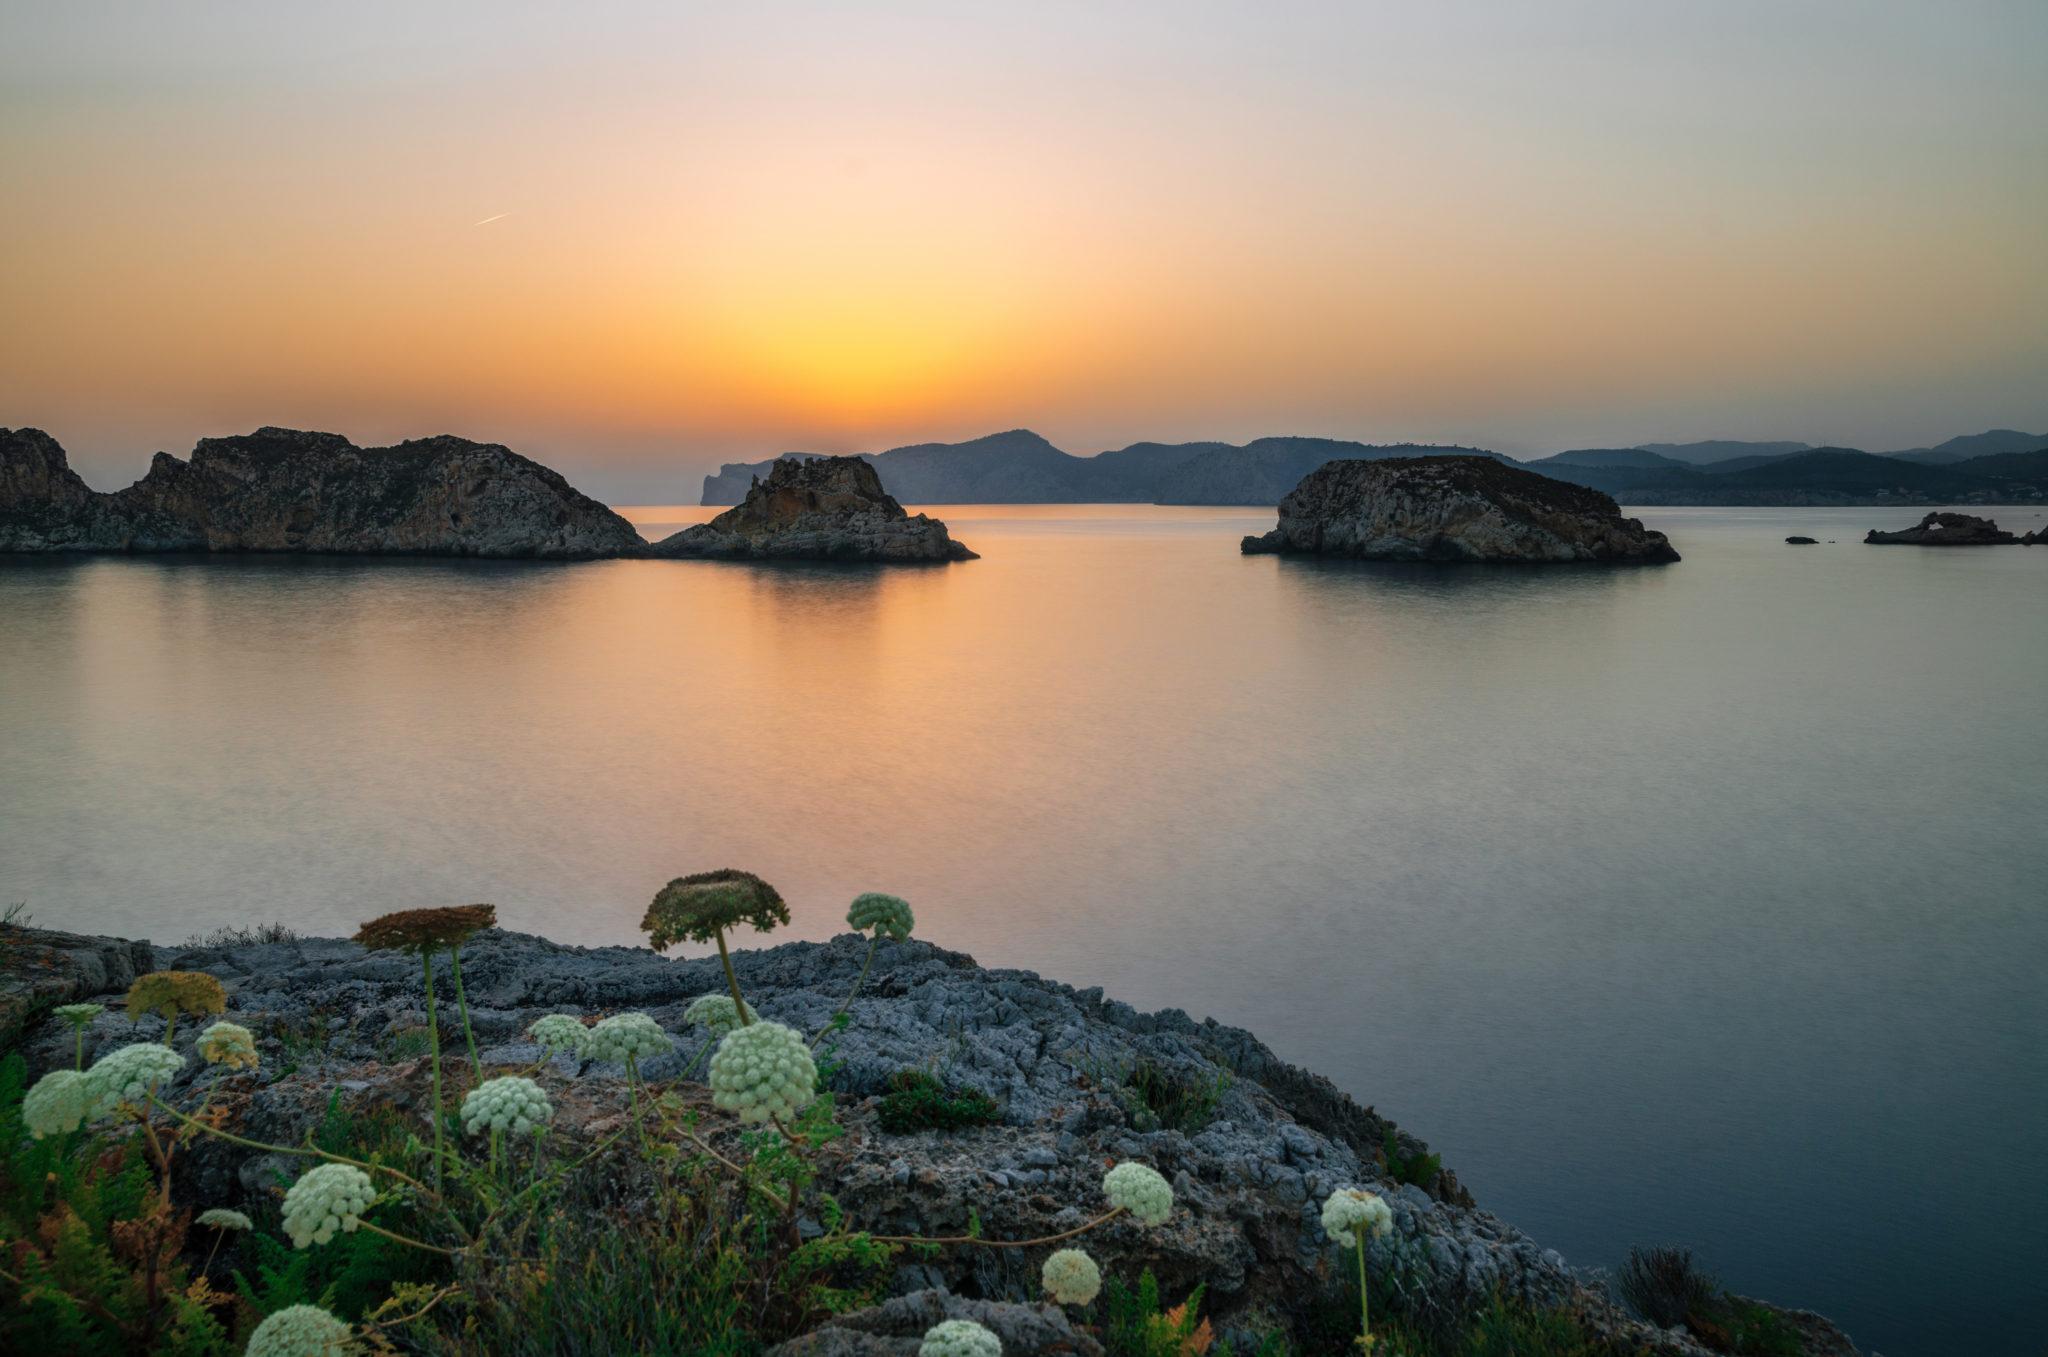 Die Islas Malgrats in der Bucht von Santa Ponsa